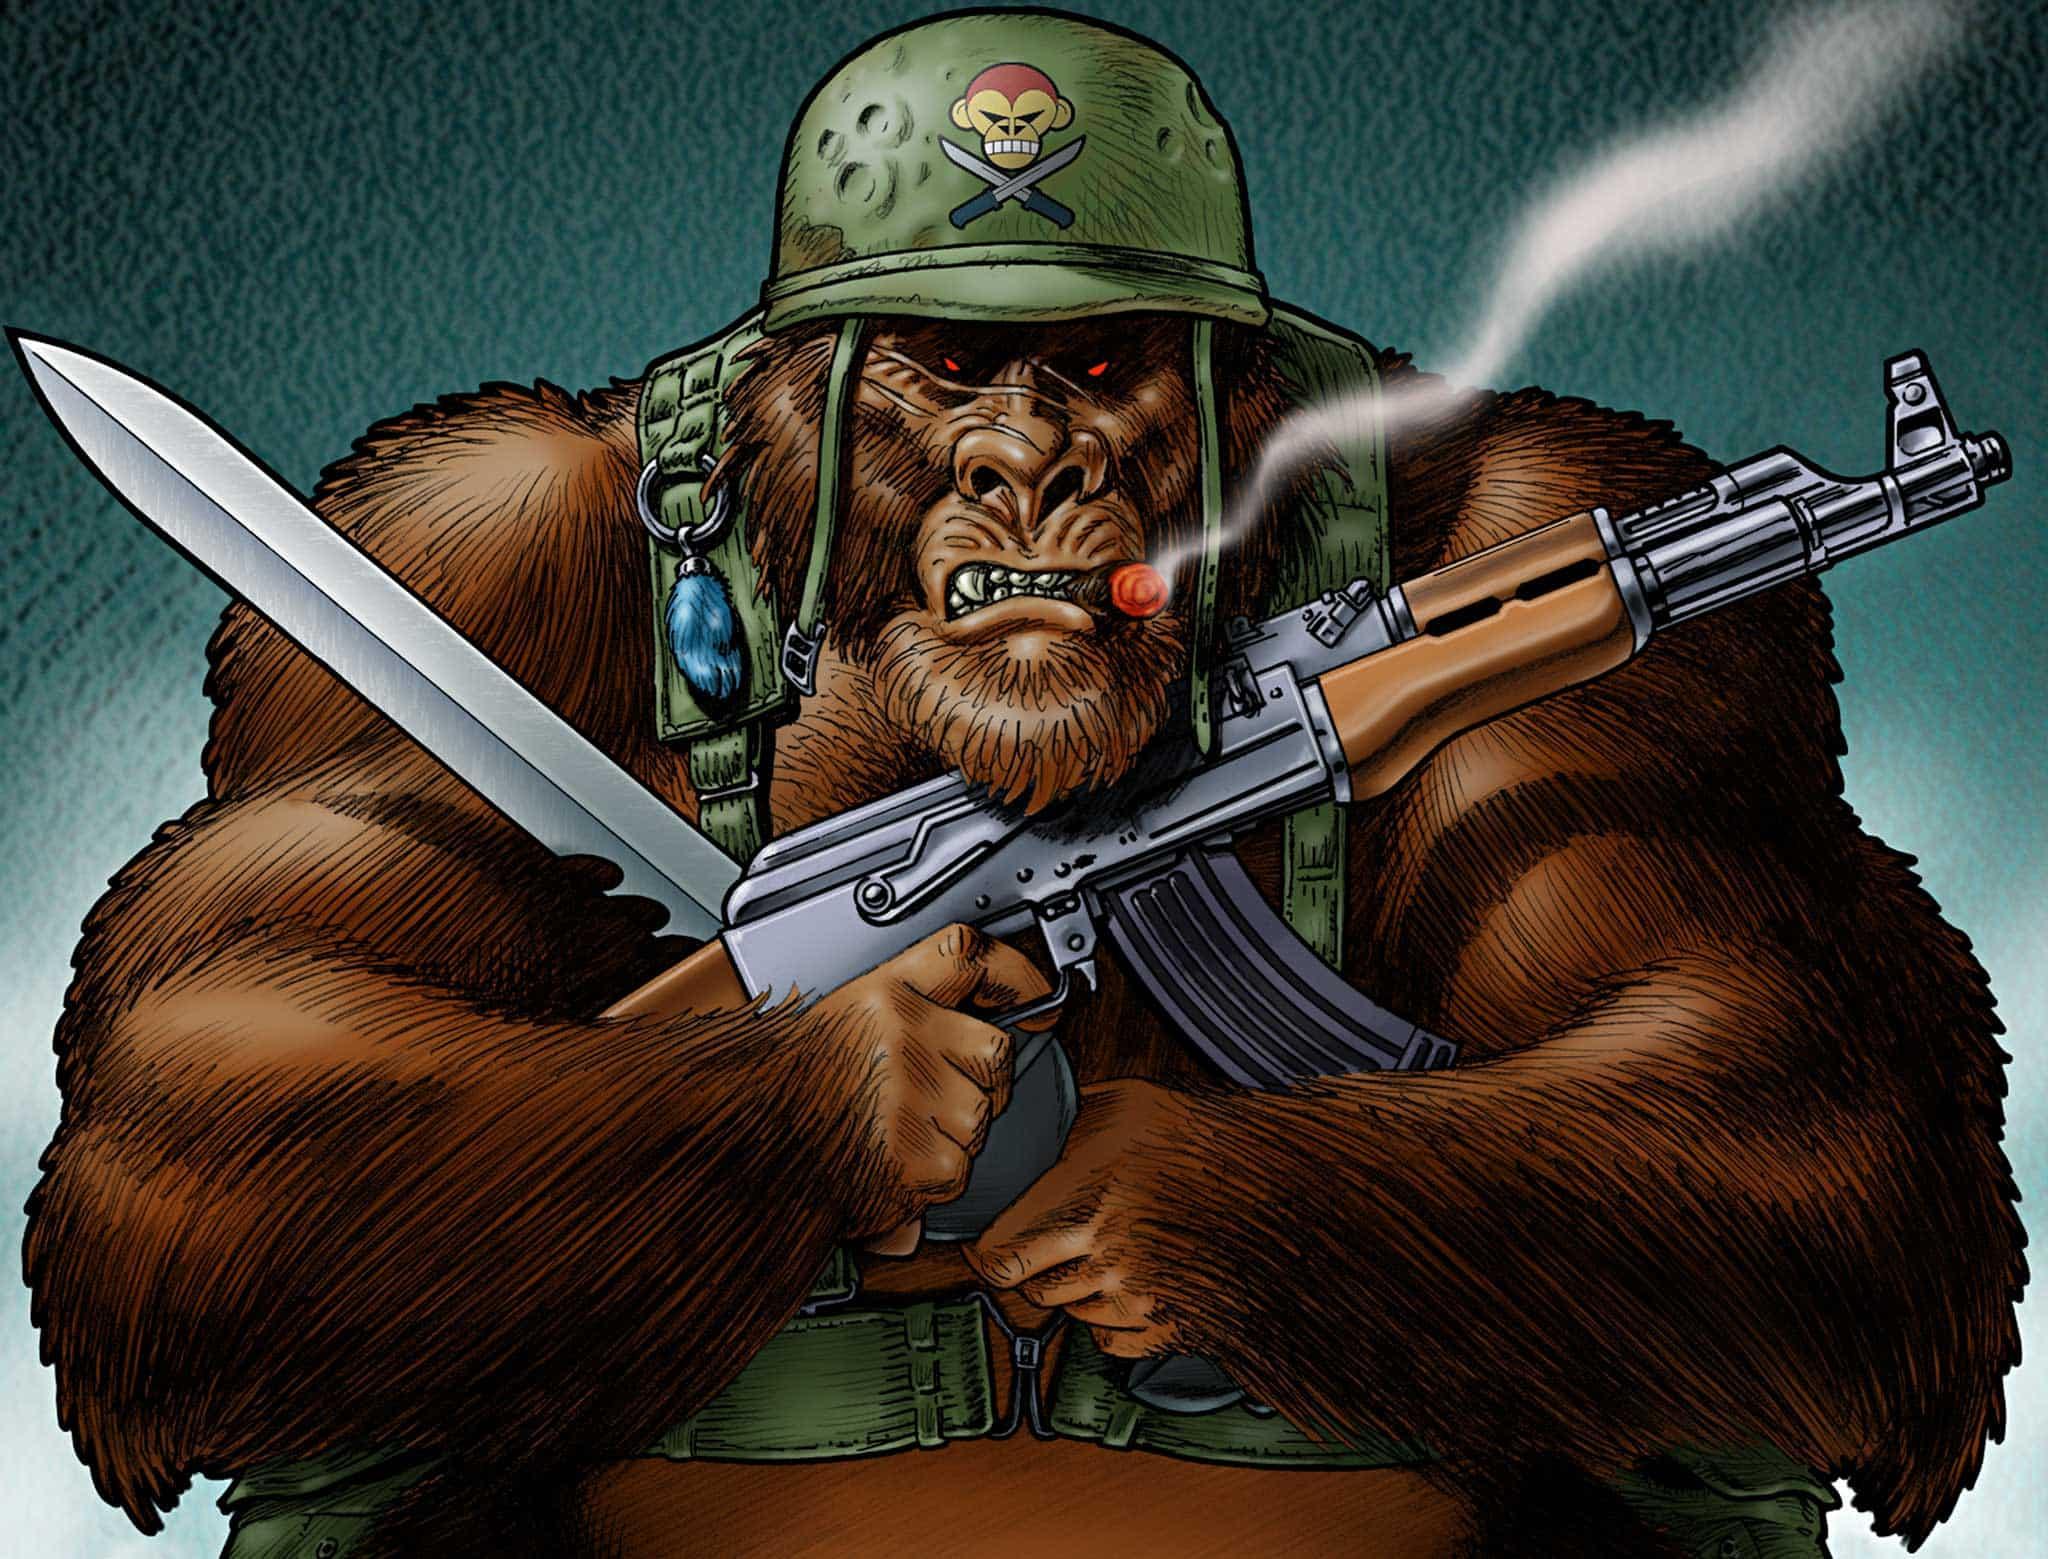 KH2900C-battle-monkeys-sarge